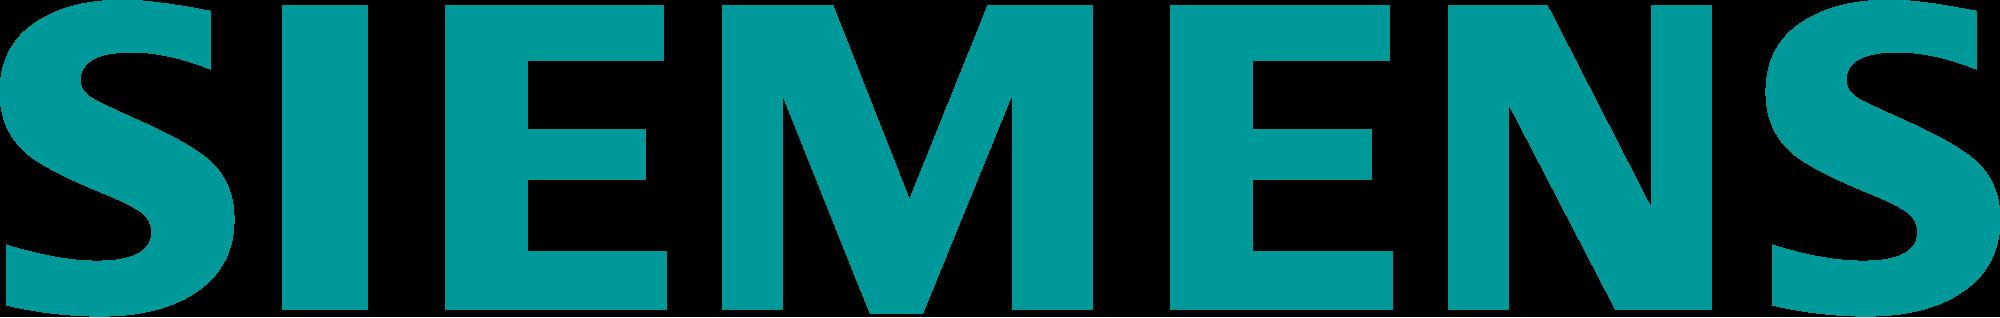 Siemens corporate career site